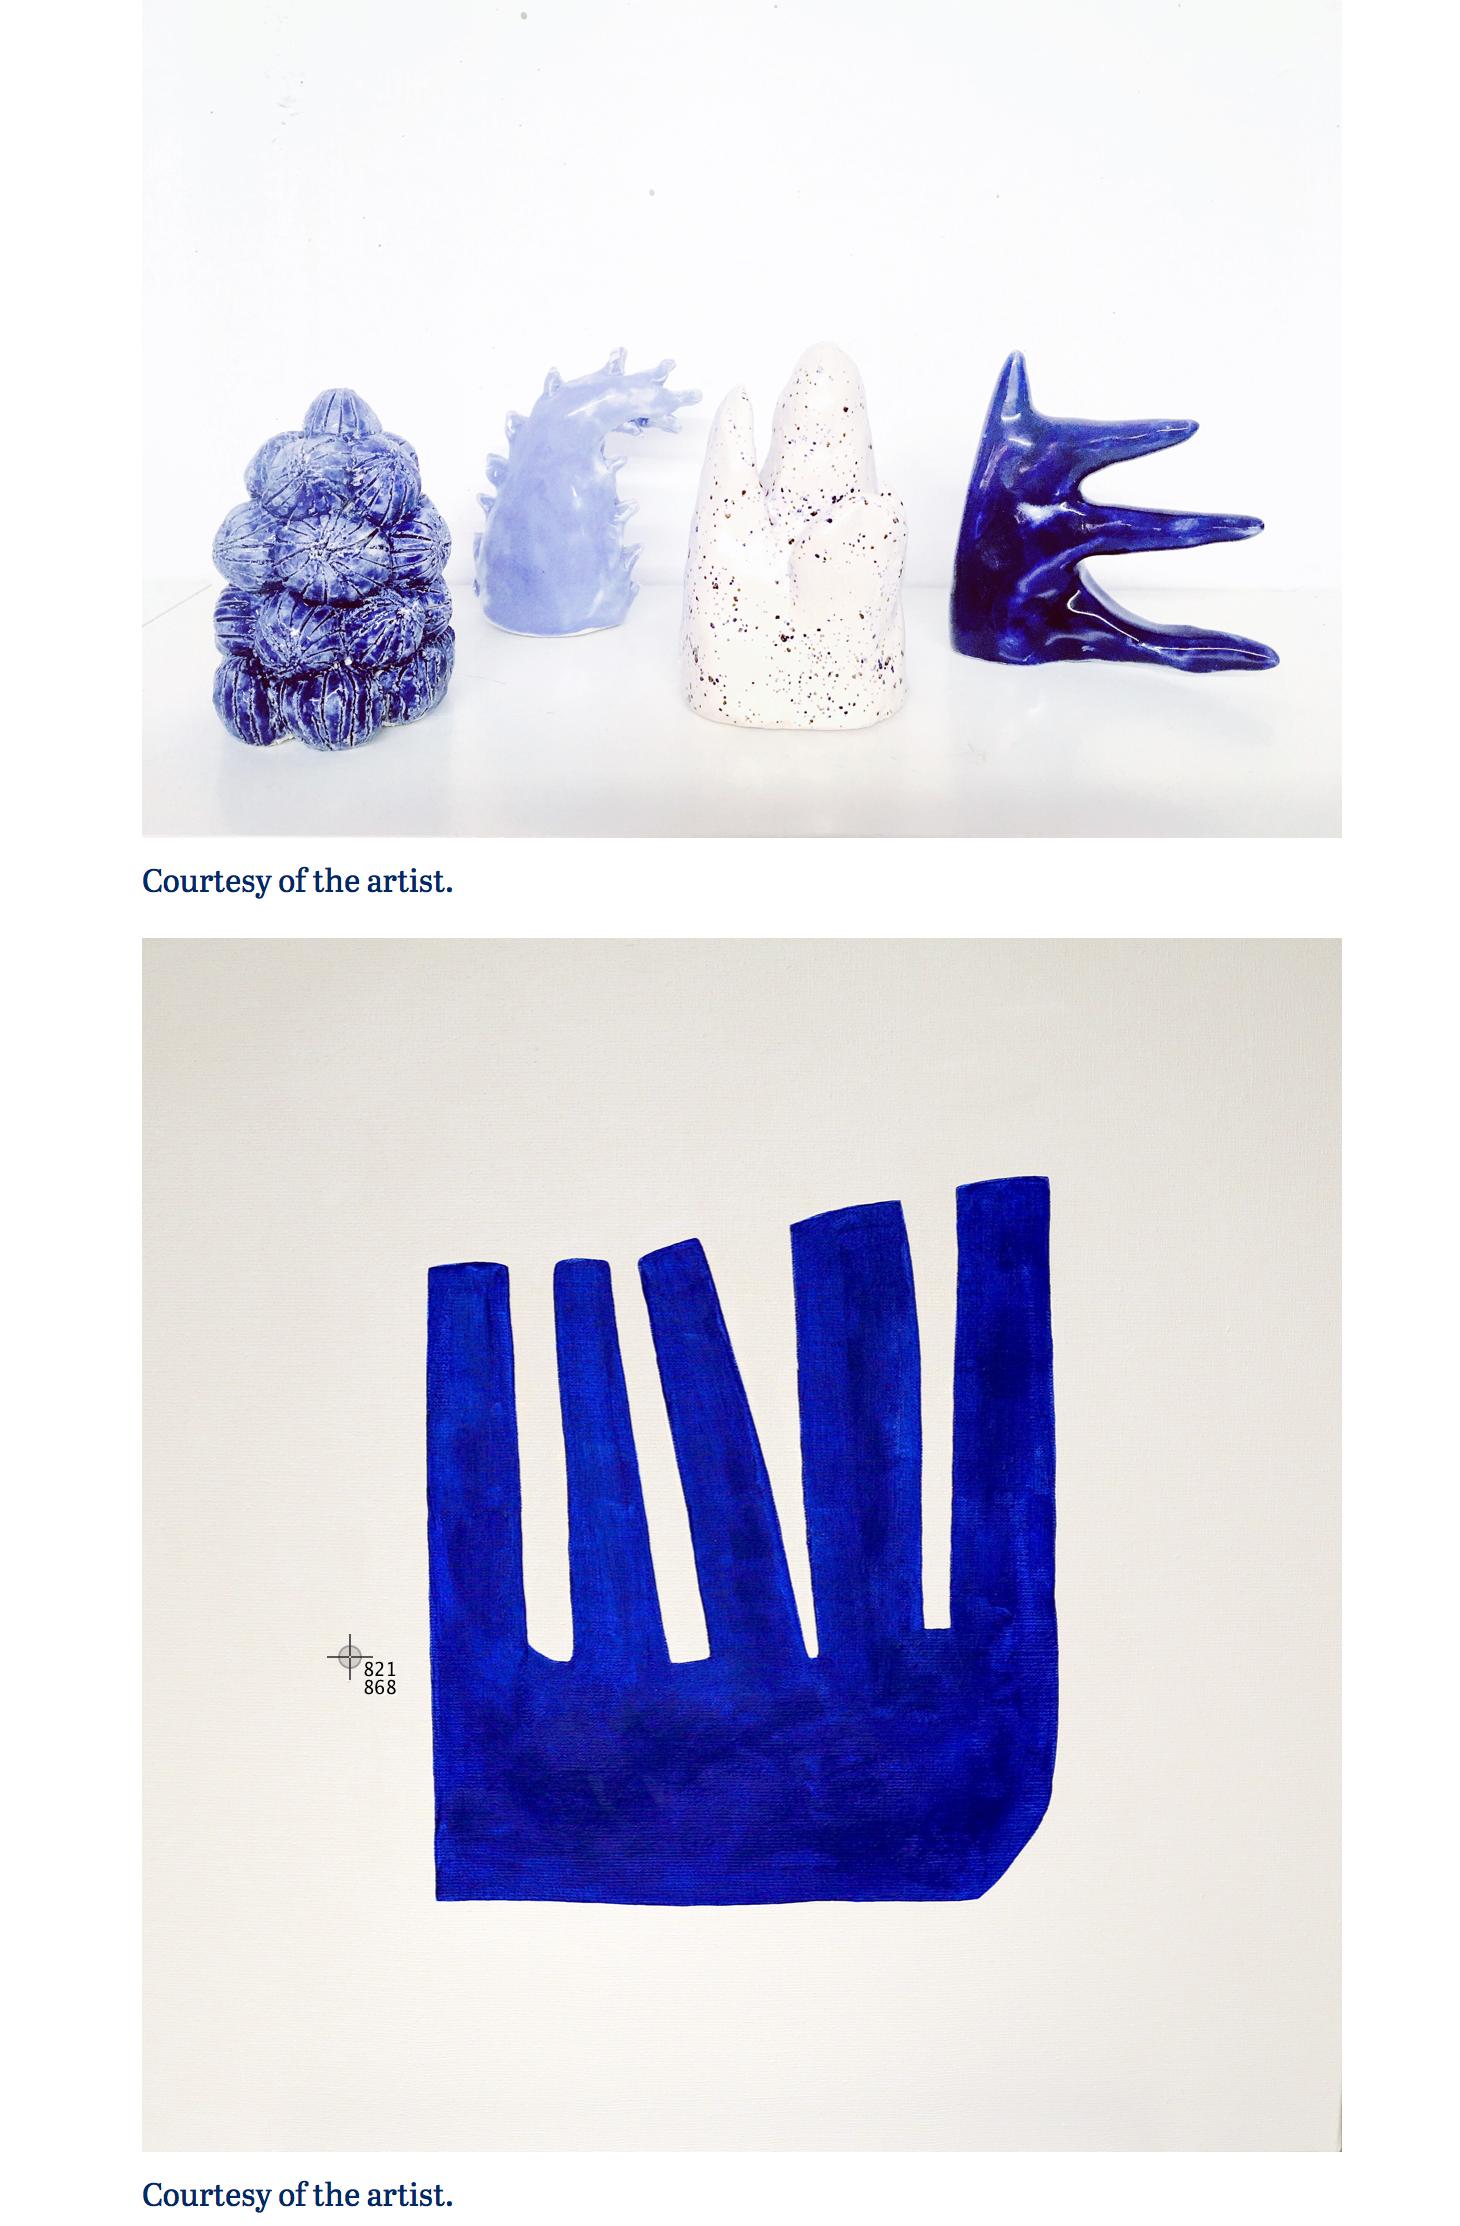 Femmes d'art, Marie-Stéphnaie Servos, janvier 2020